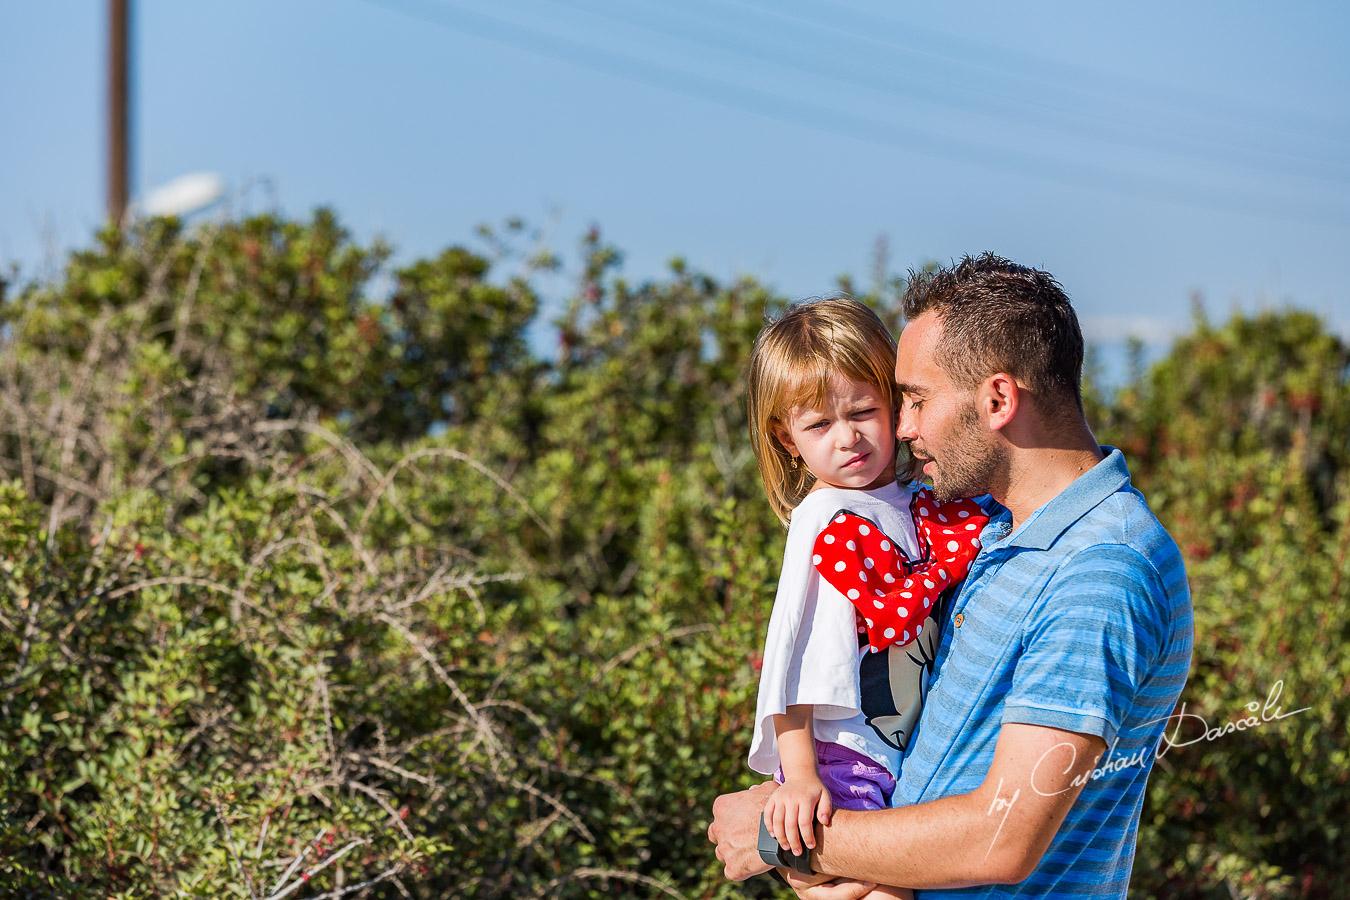 Family Photo Shoot at Amathus-3